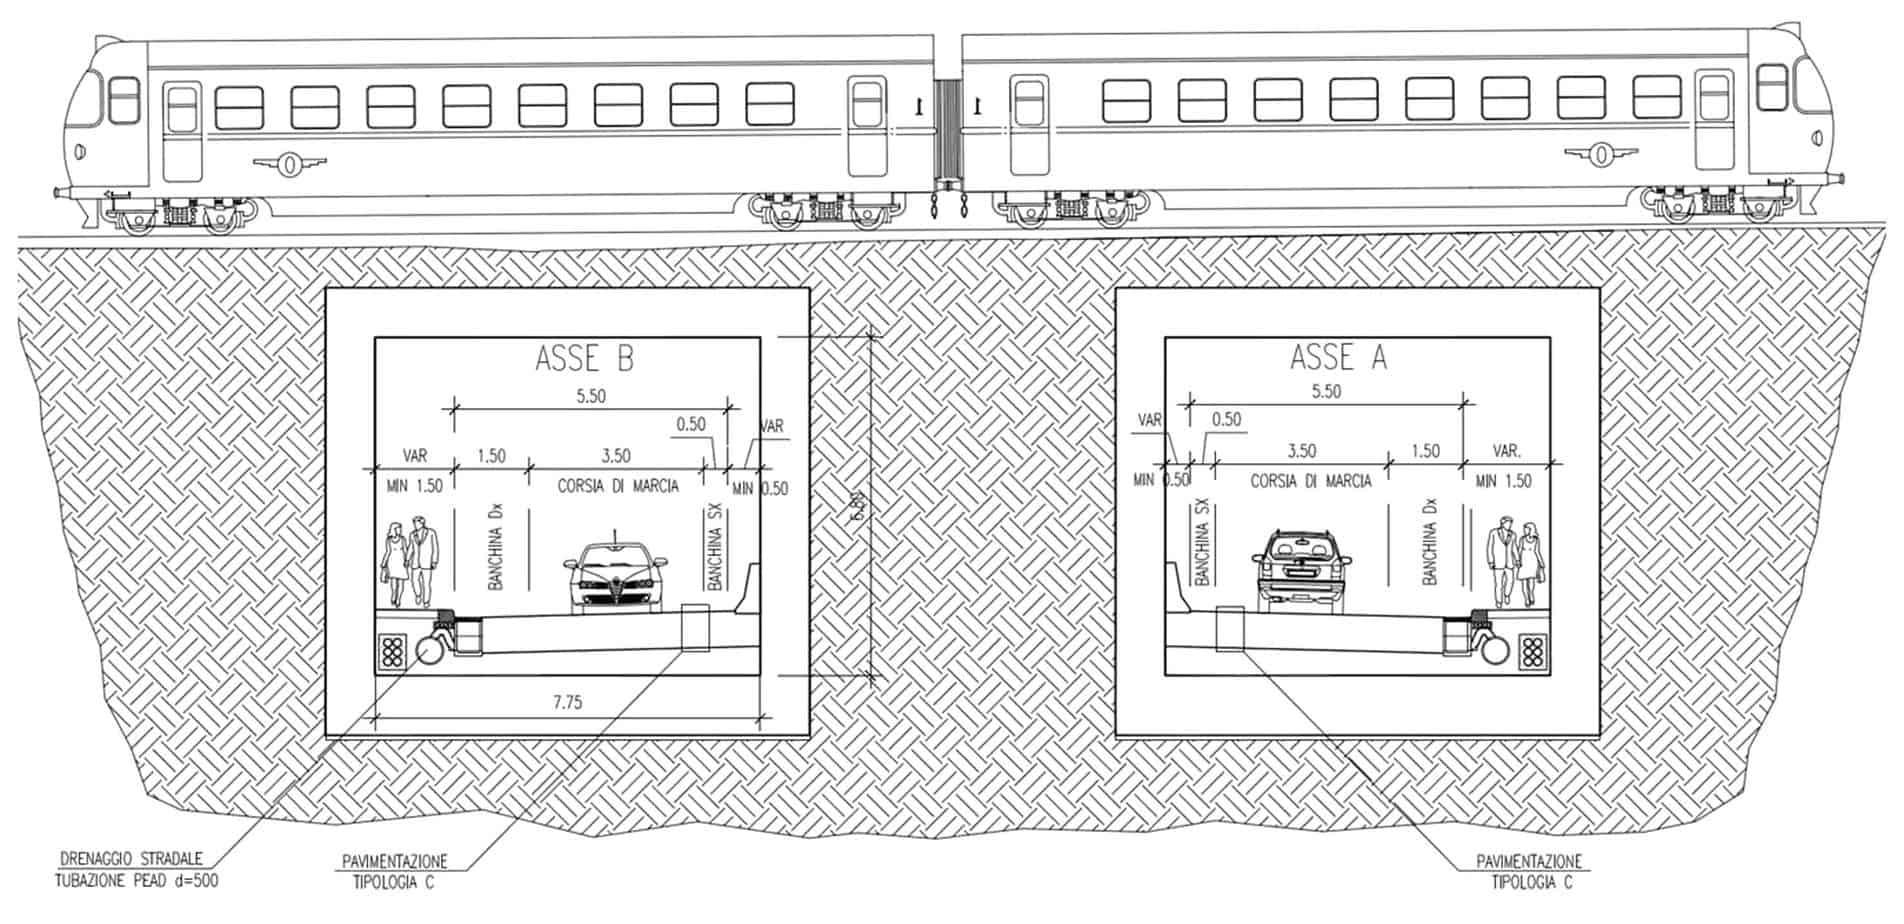 La sezione dei monoliti a spinta sotto la ferrovia